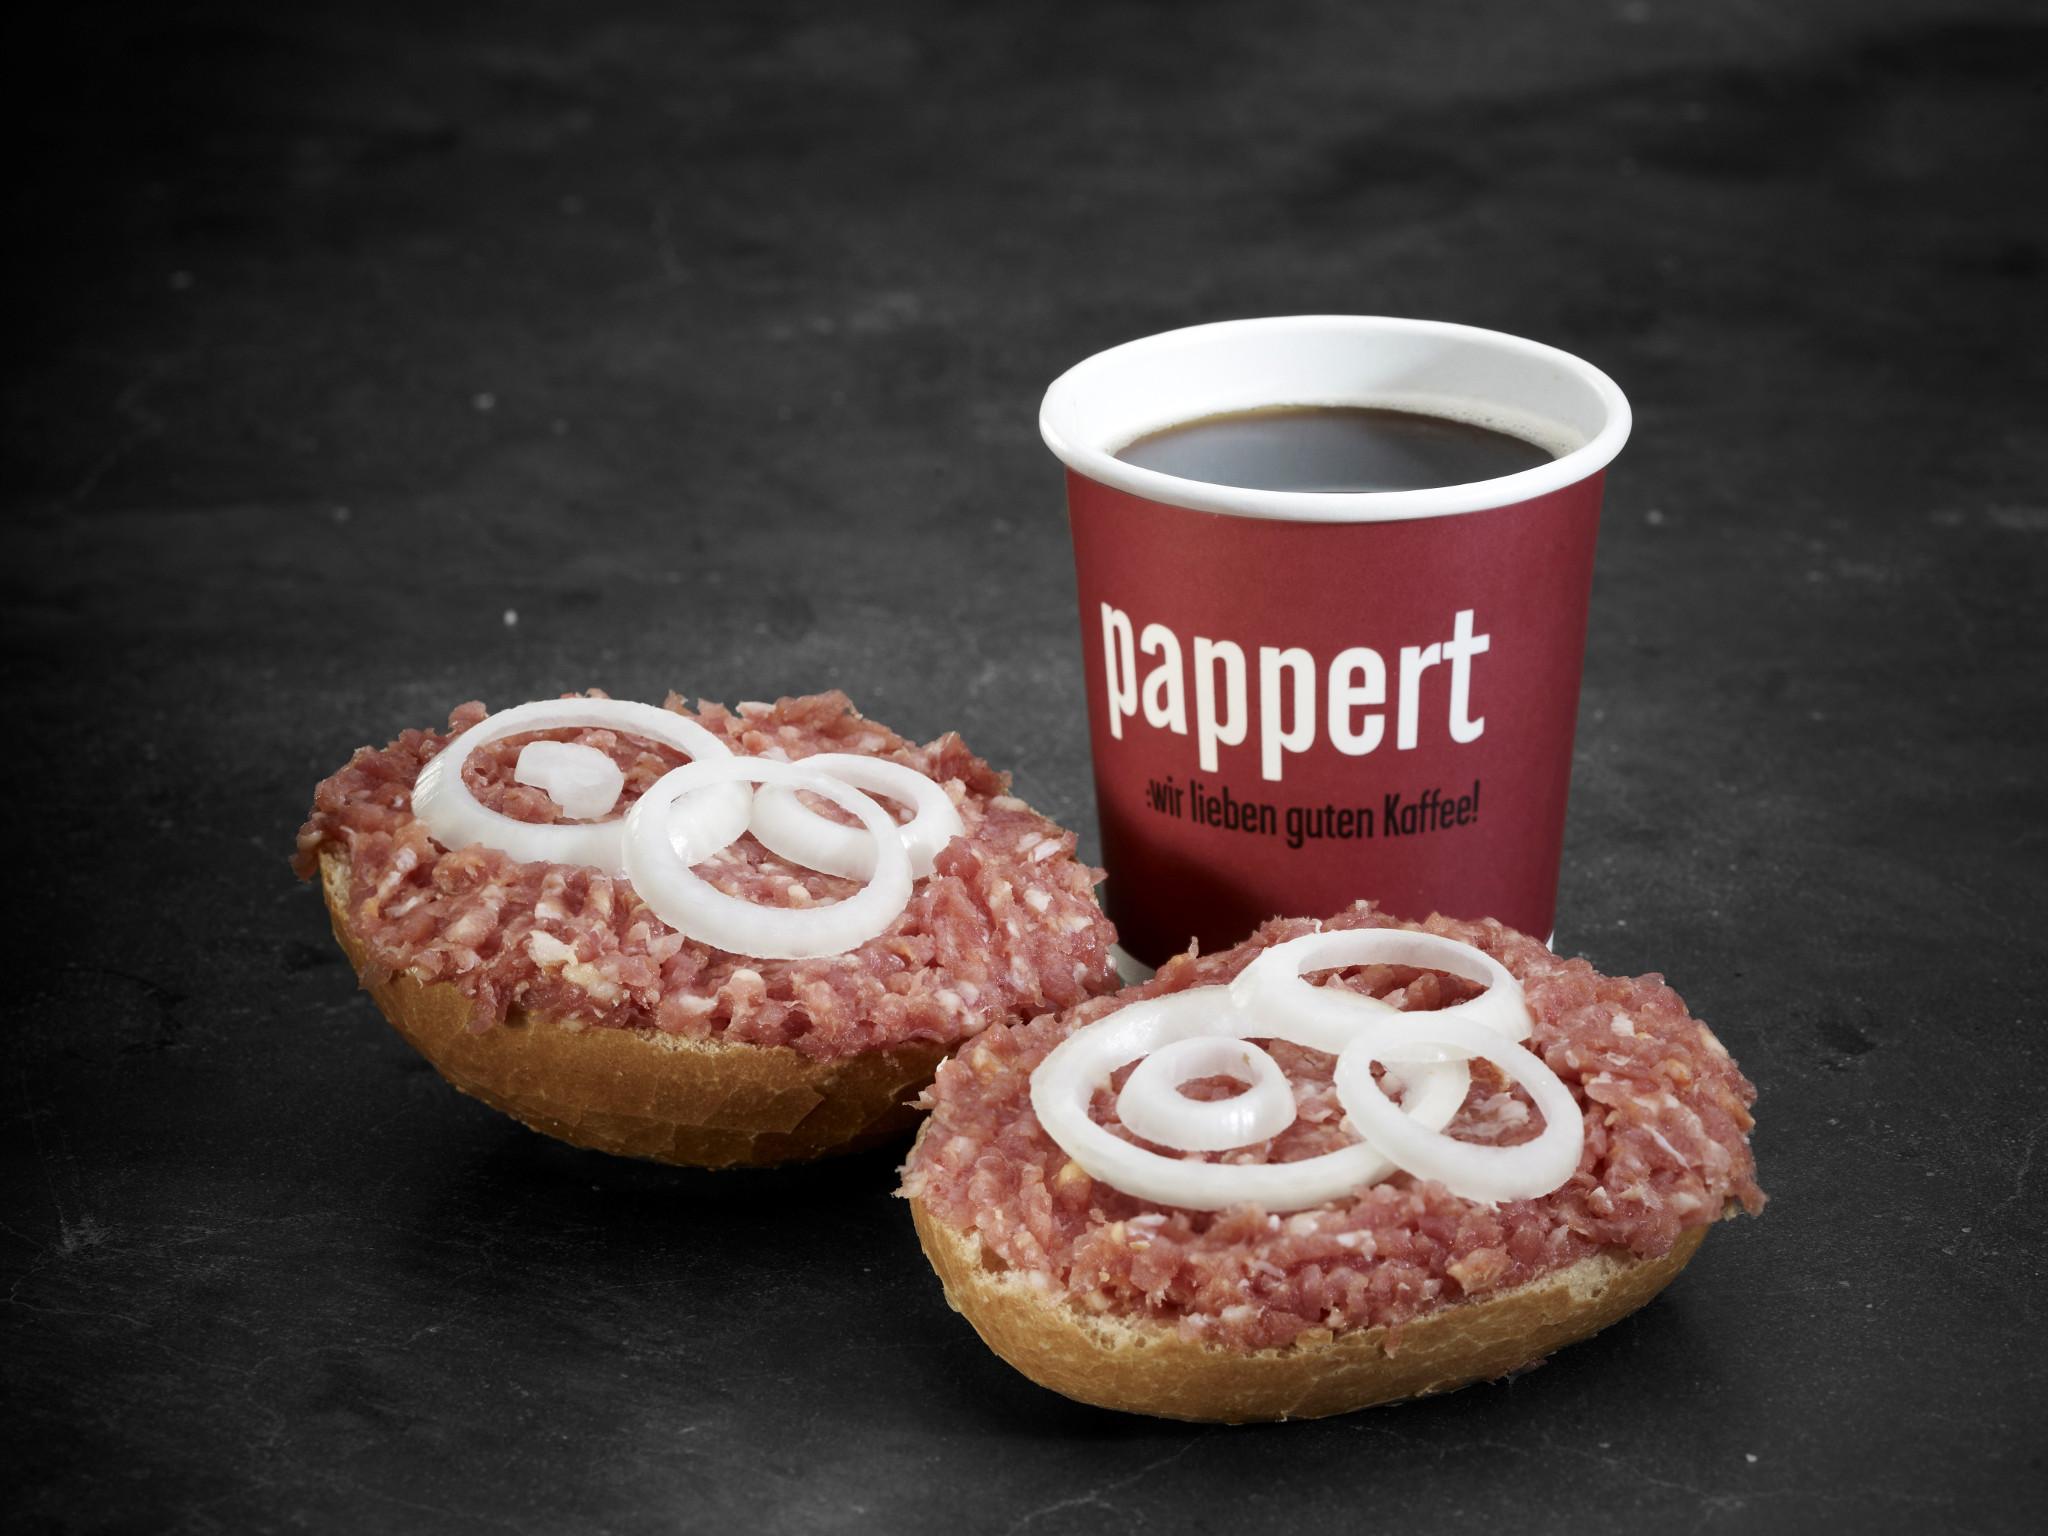 Frühstück für Kerle: Das Handwerker-Paket. Foto: Bäckerei Papperts